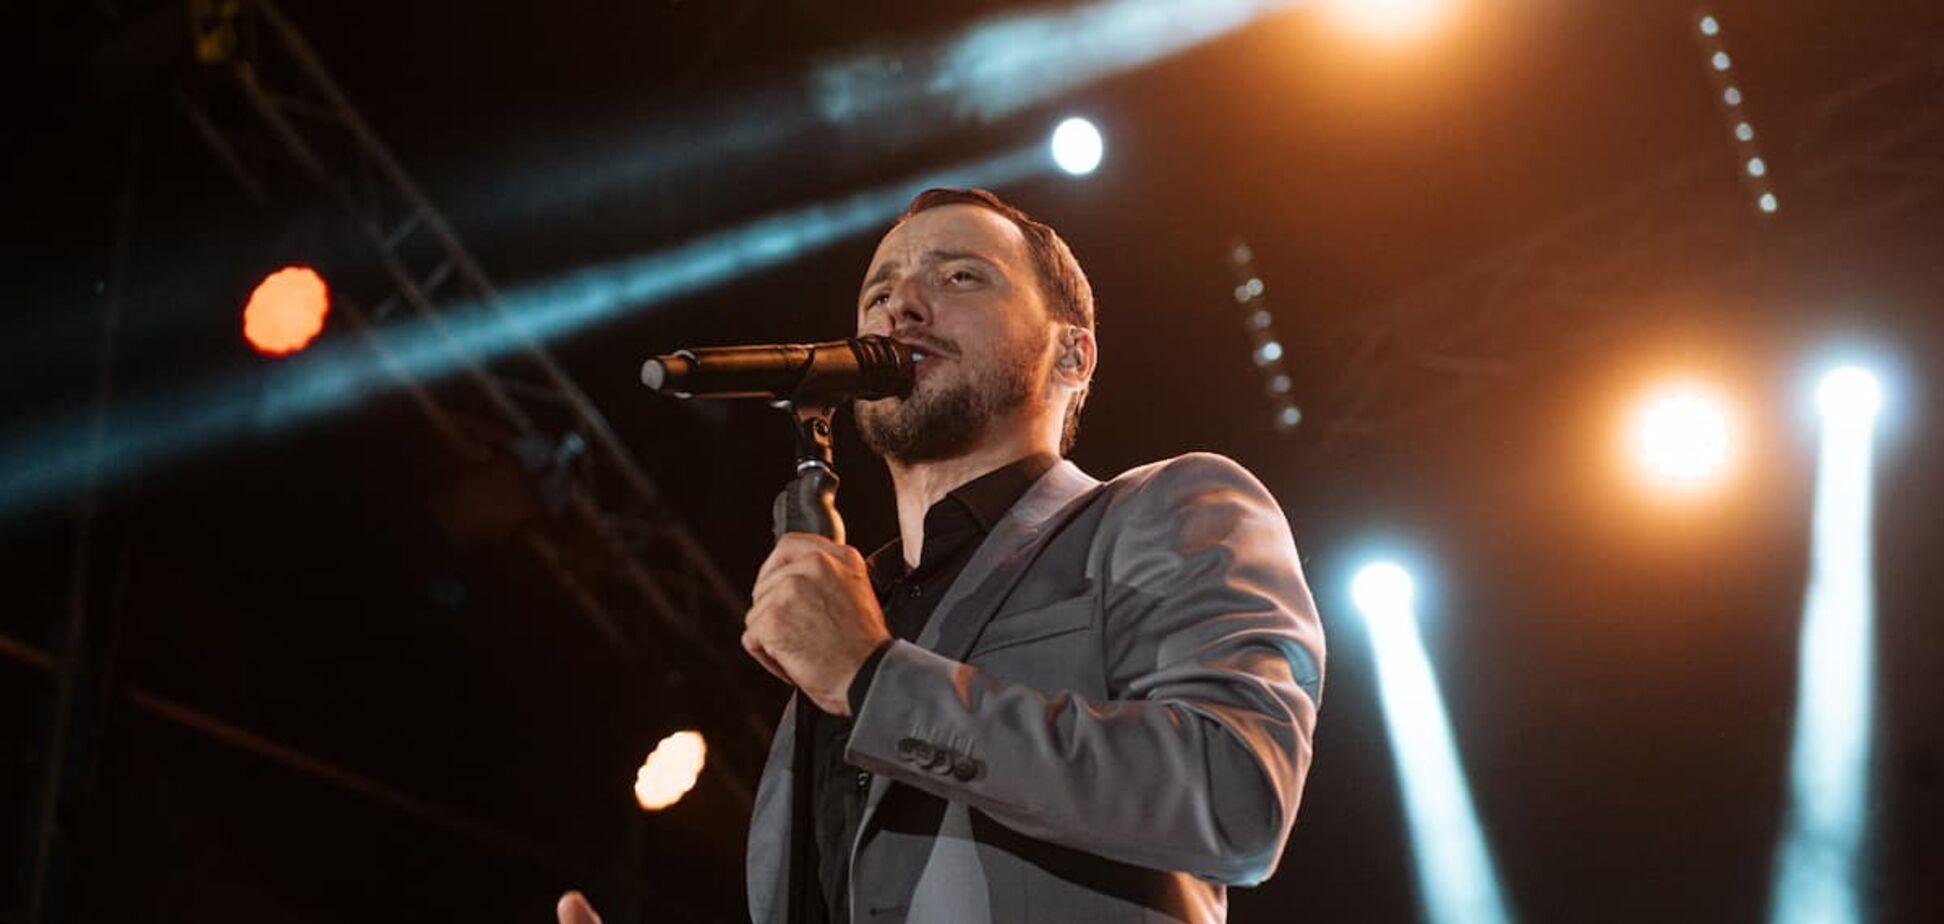 Сергій Мироненко представив двогодинну live-програму на культовій літній арені